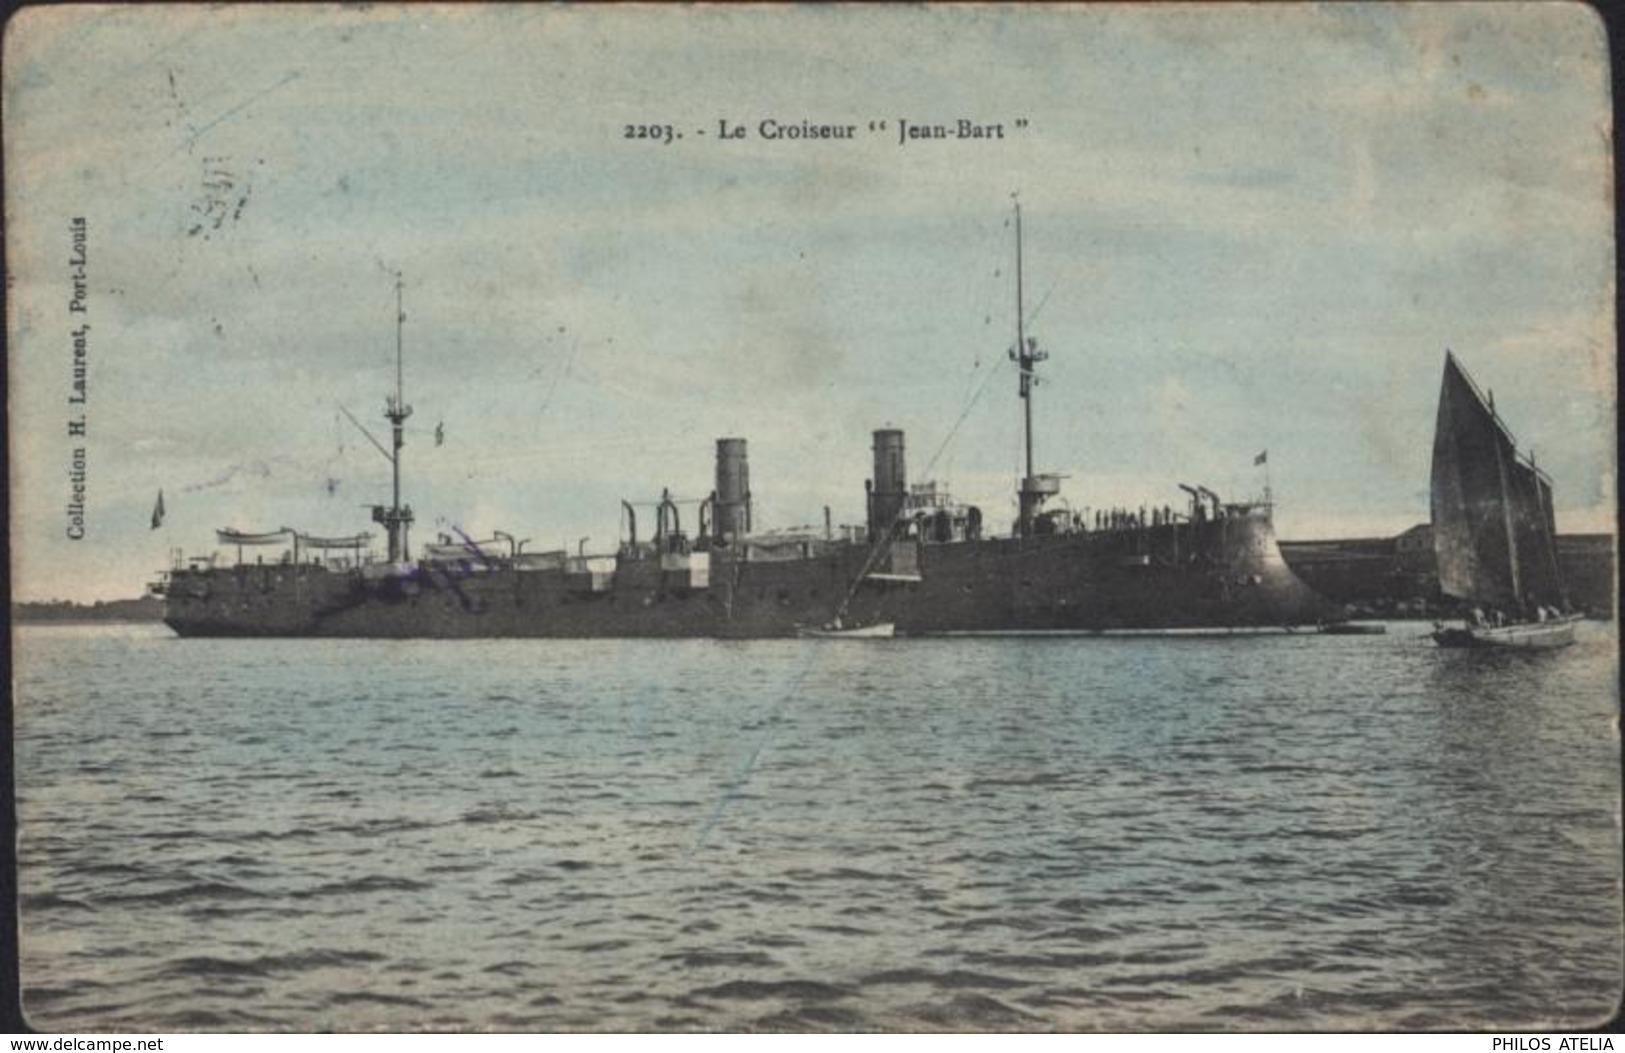 CPA Bateau Le Croiseur Jean Bart Collection H Laurent Port-Louis CAD Ambulant Anderneau à Lorient 30 Janv 08 - Guerra